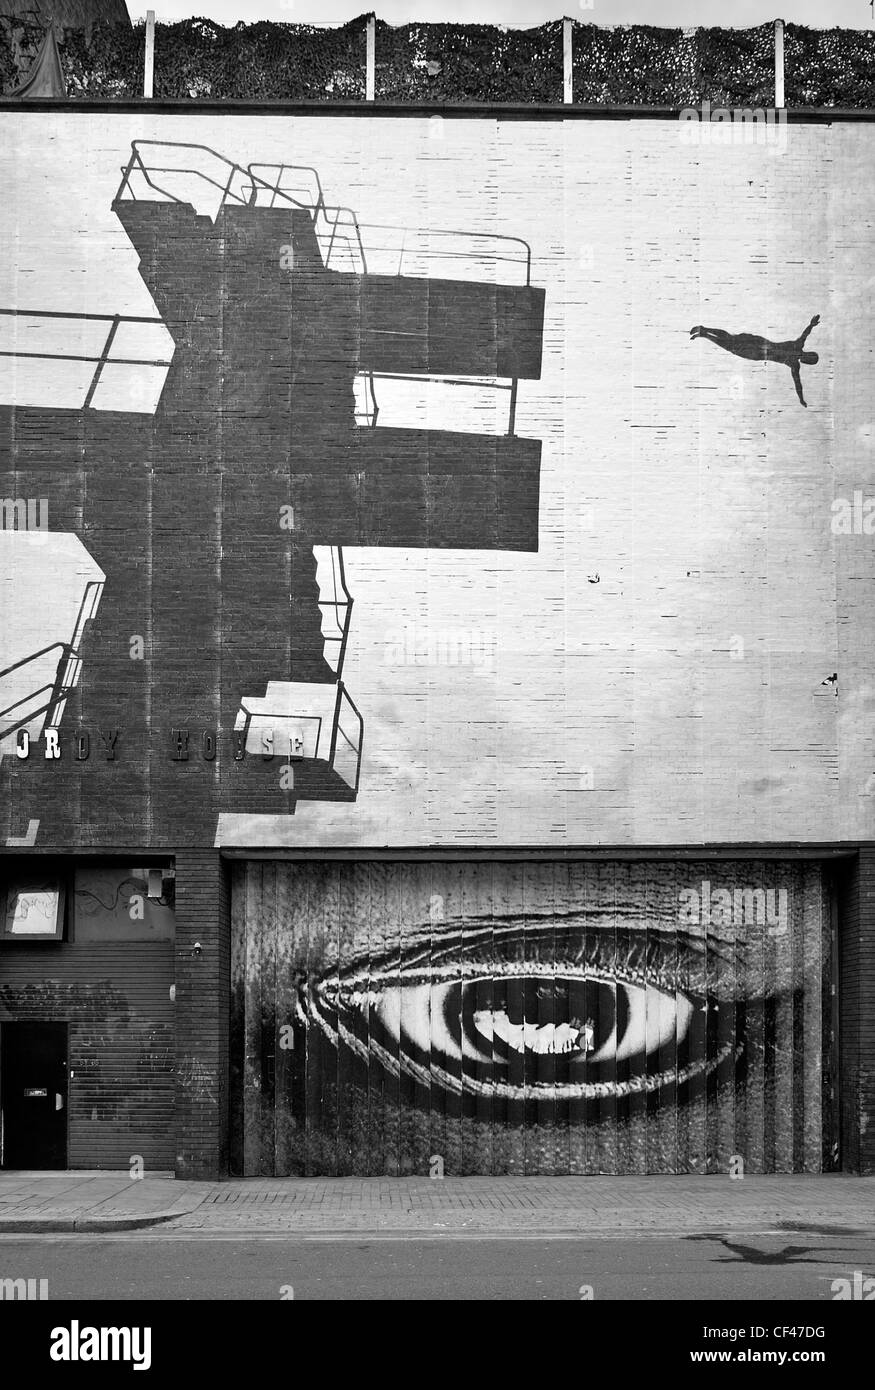 L'art de mur sur Curtain Road à Hackney. Photo Stock